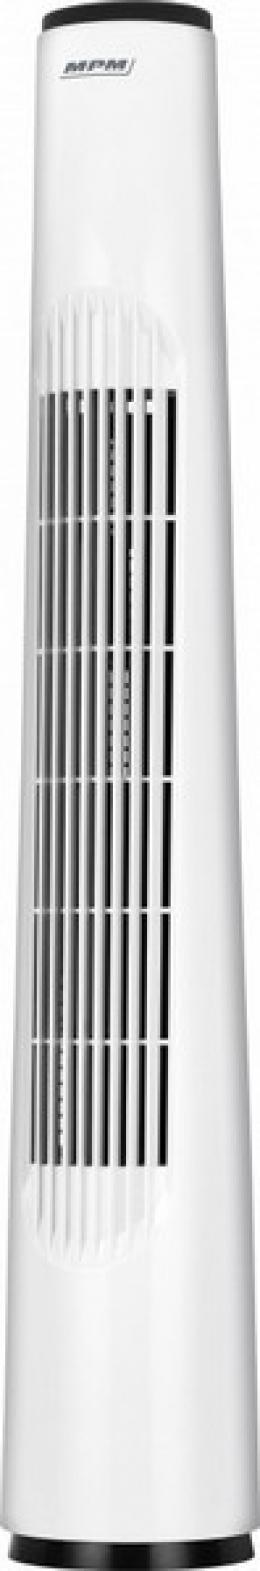 Вентилятор MPM MWP-05